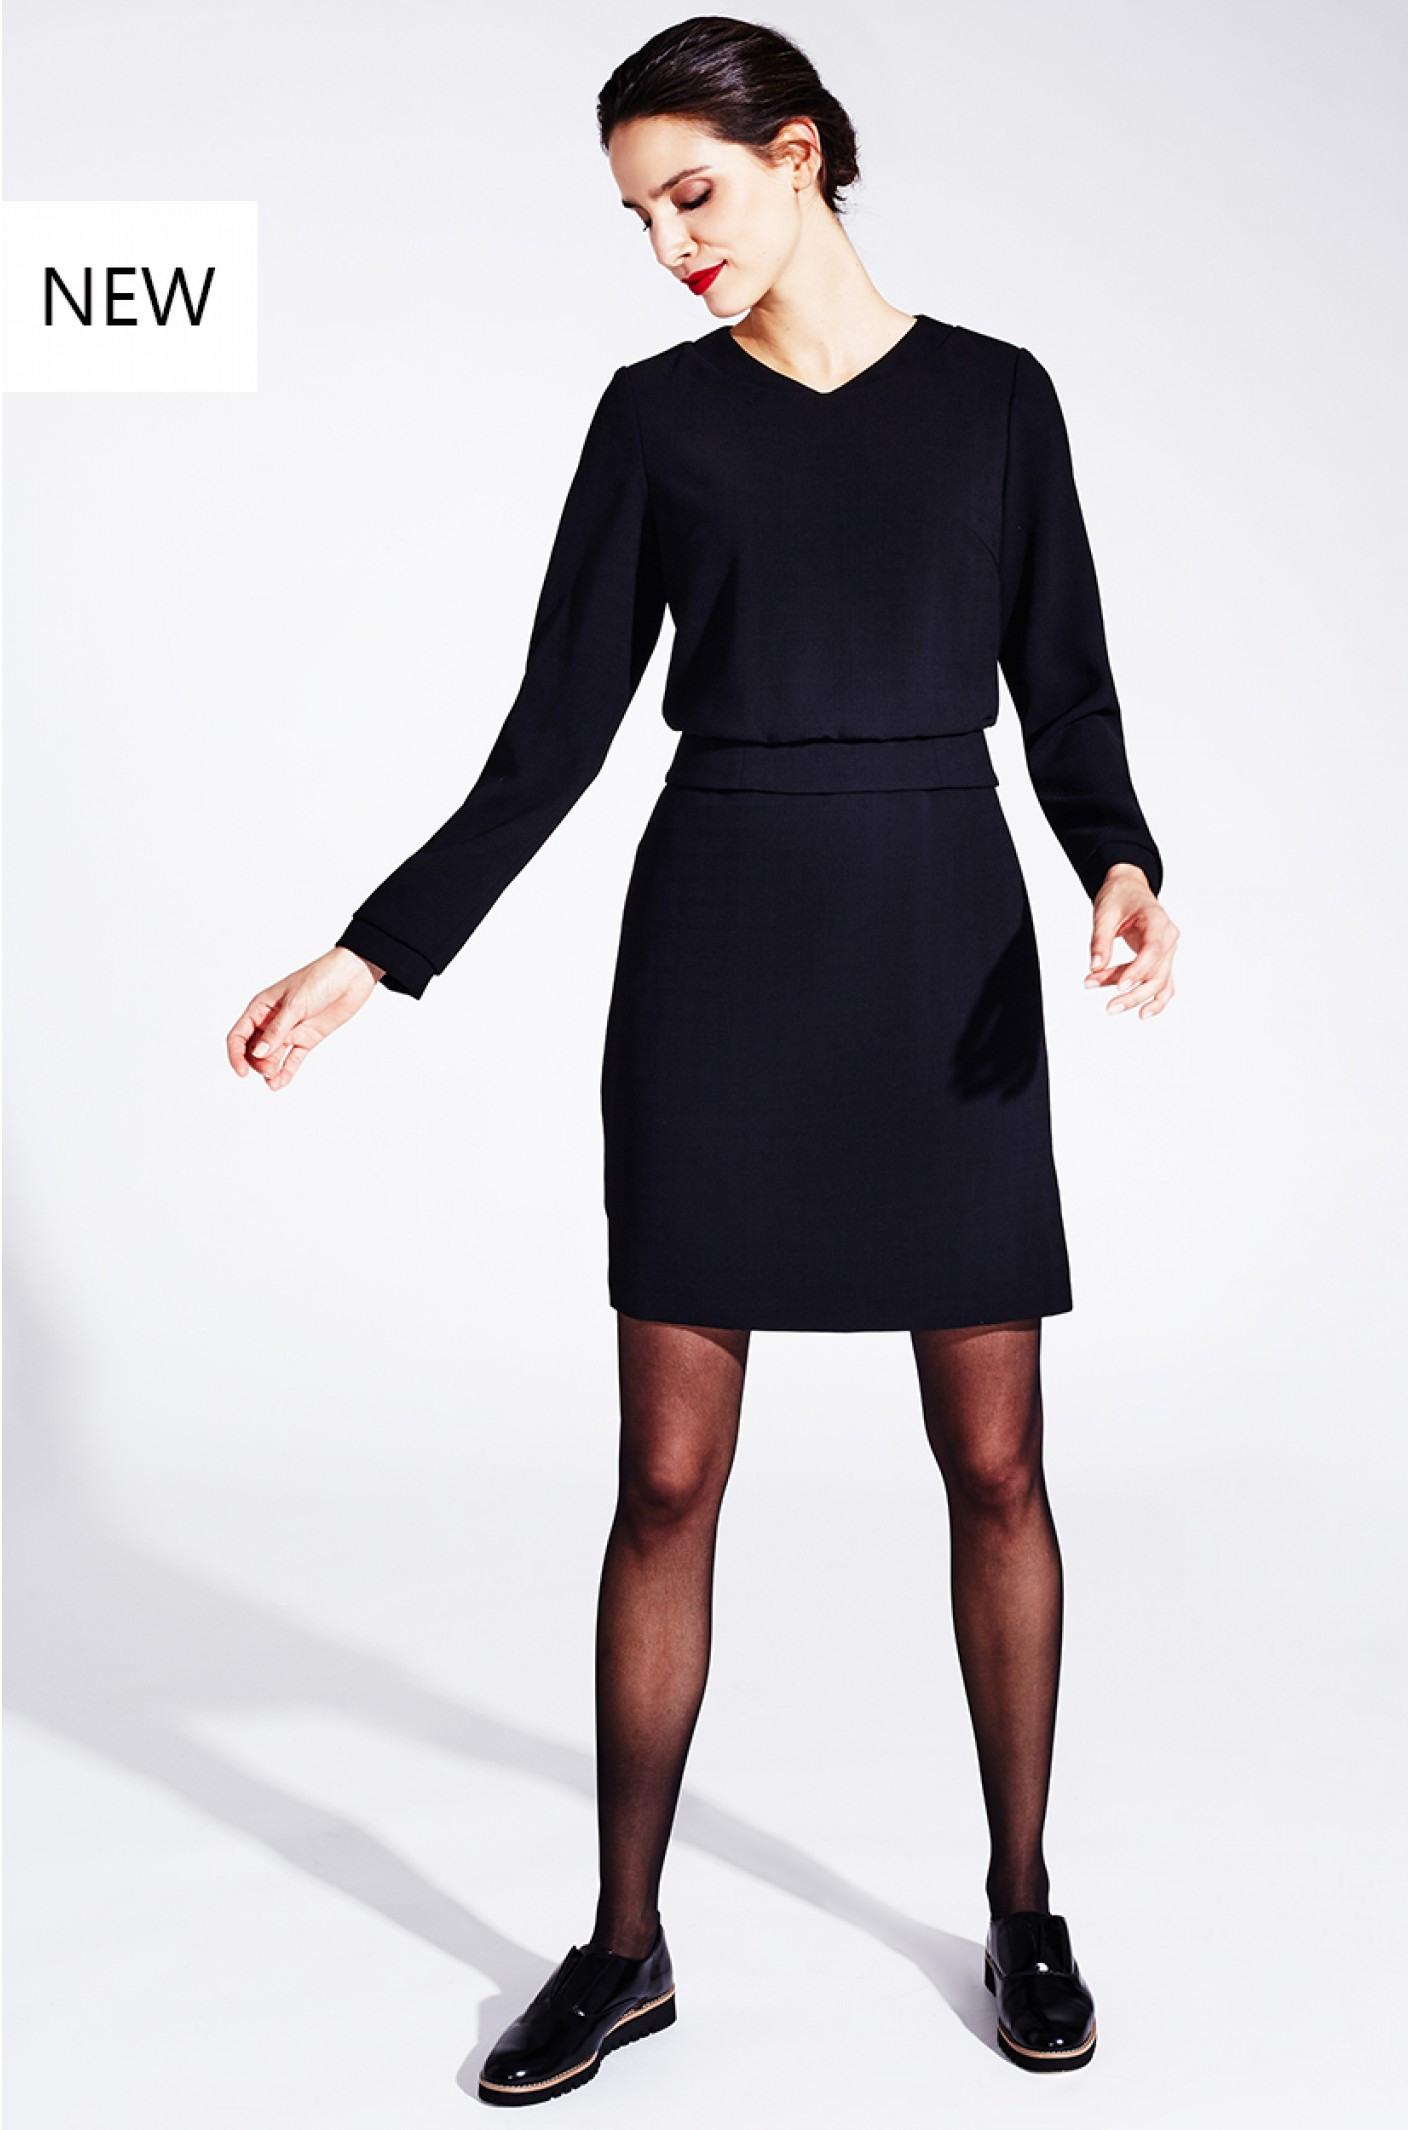 15 Einfach Schicke Langarm Kleider BoutiqueDesigner Ausgezeichnet Schicke Langarm Kleider Vertrieb